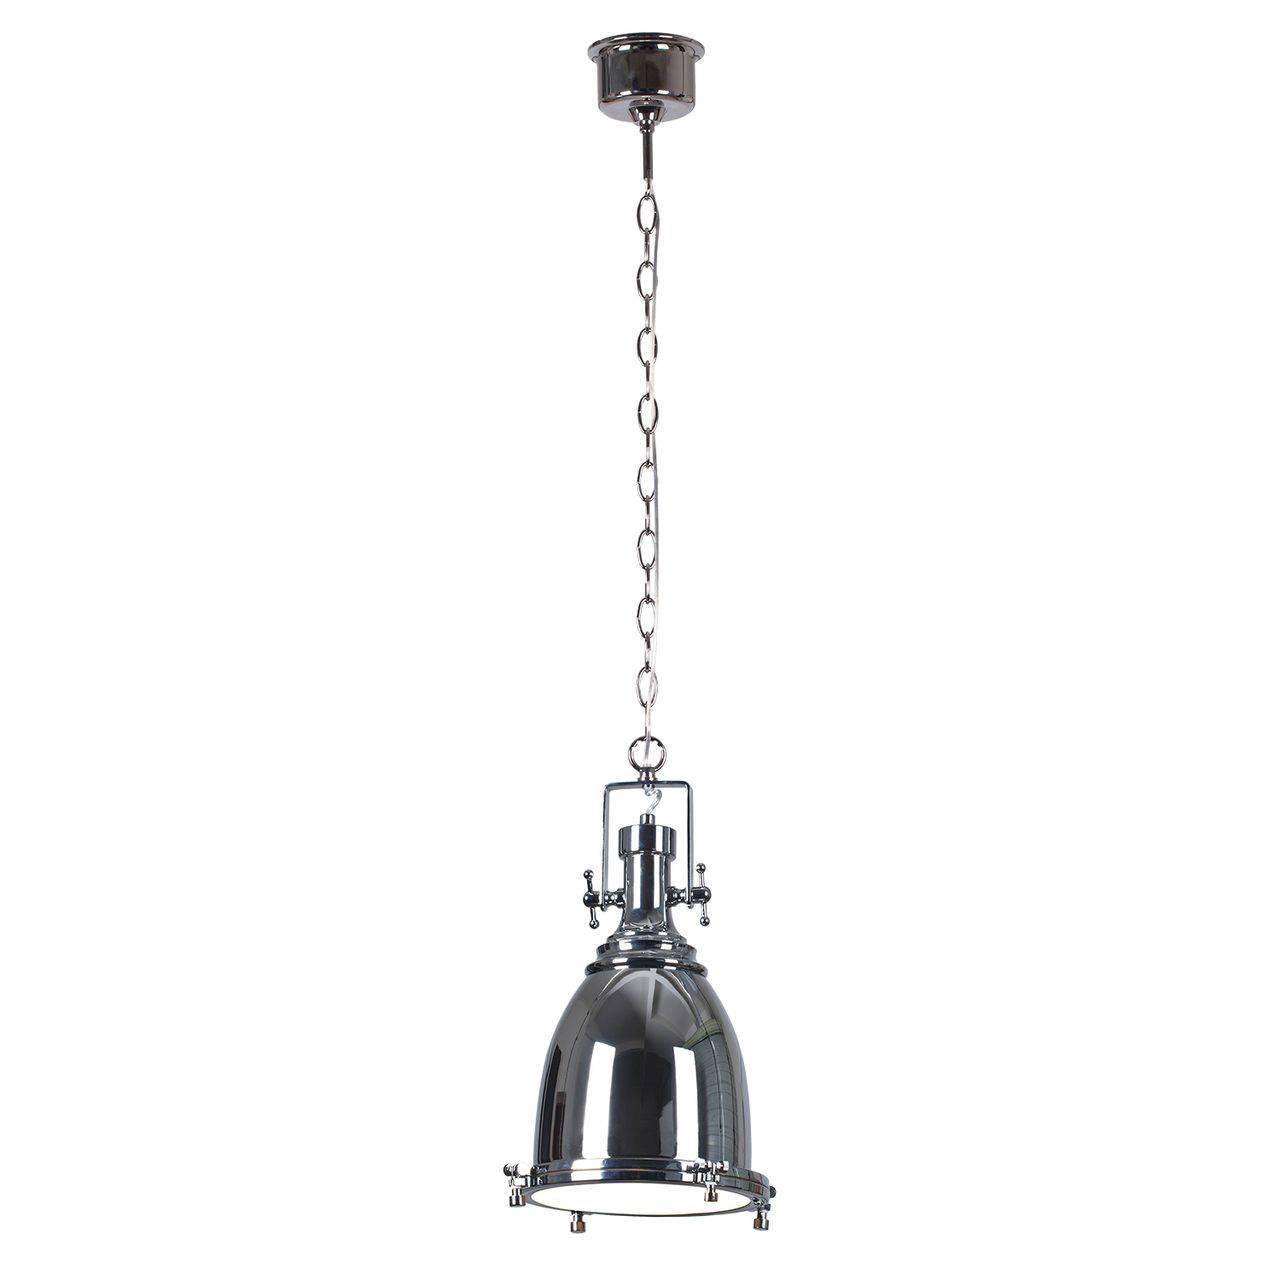 Металлическая подвесная лампа в стиле лофт